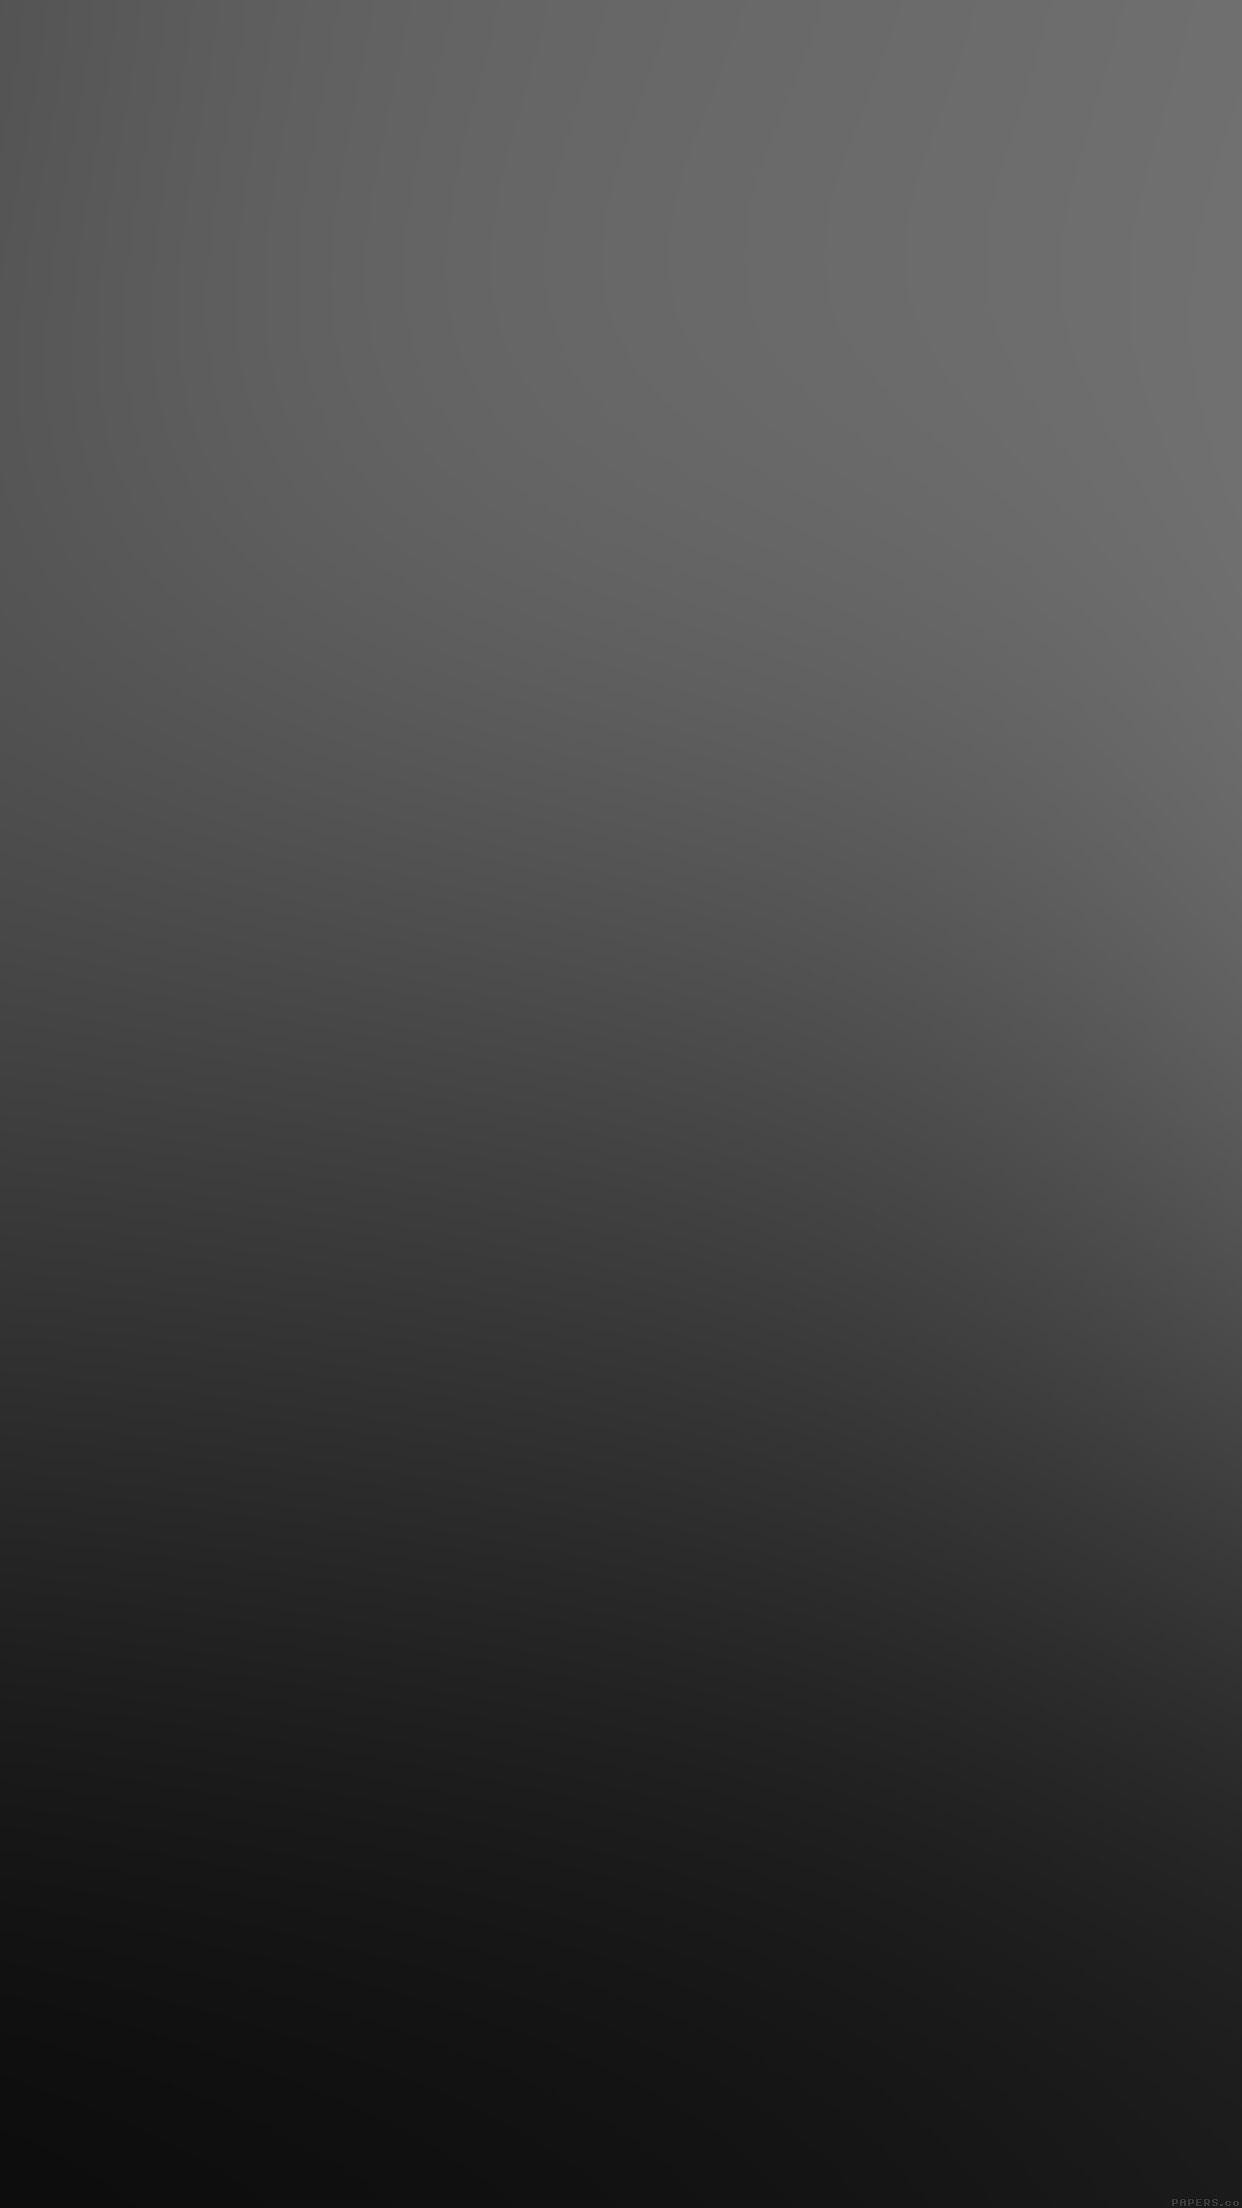 Hình nền đen 1242x2208 cho iPhone